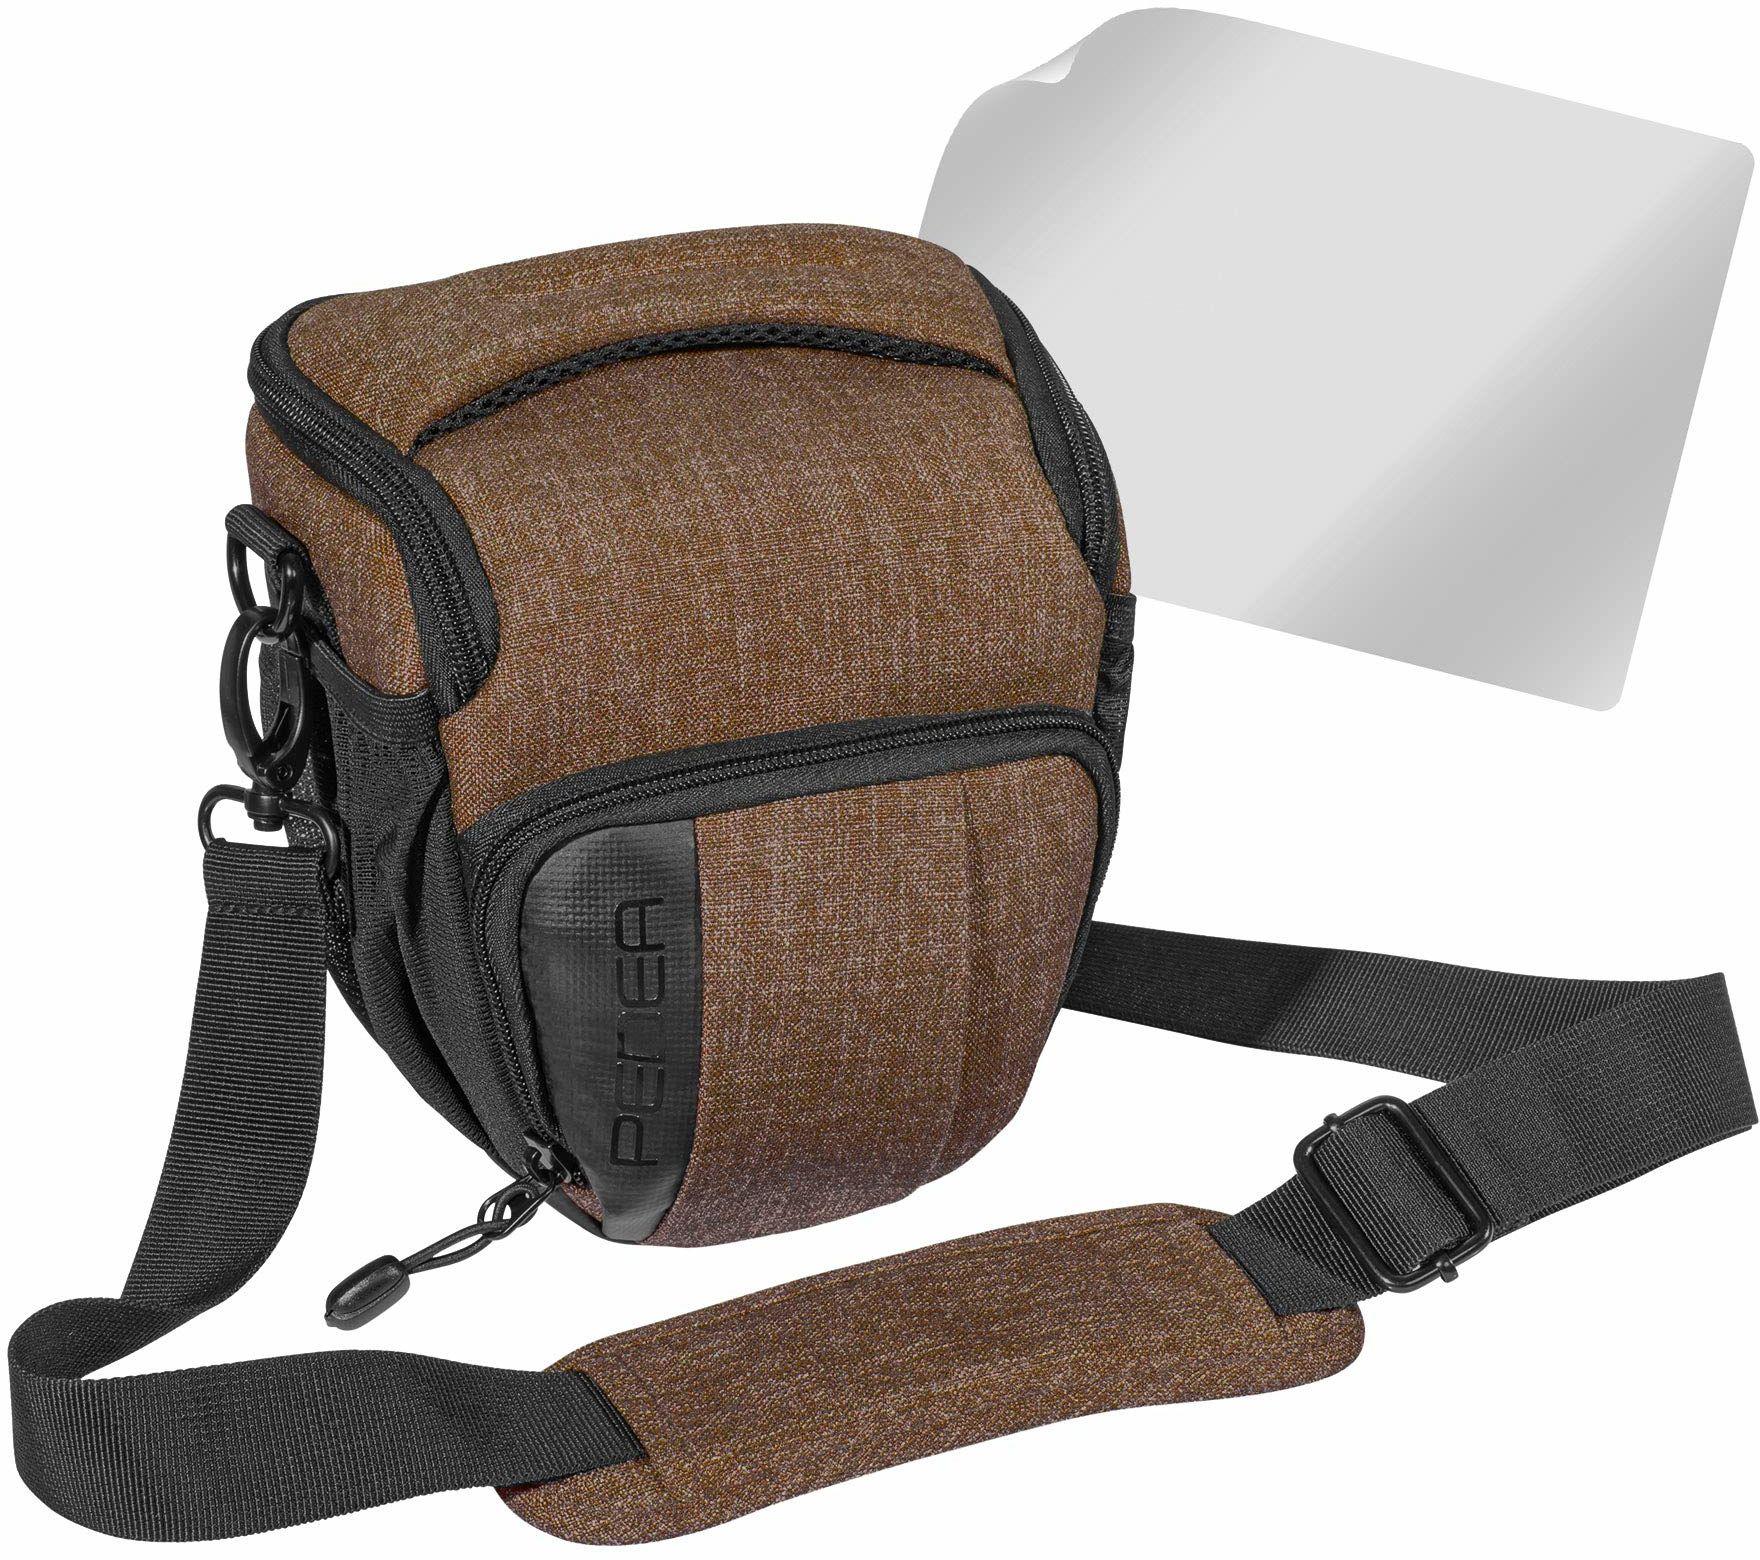 """PEDEA DSLR torba na aparat """"Fashion"""" z folią ochronną na wyświetlacz do Canon EOS 5D Mark II 400D 2000D / Nikon D60 D80 D90 D3100 D3200 D3300 D3400 D5300 D7100 / Pentax K 50 K 500, rozm. M brązowy"""